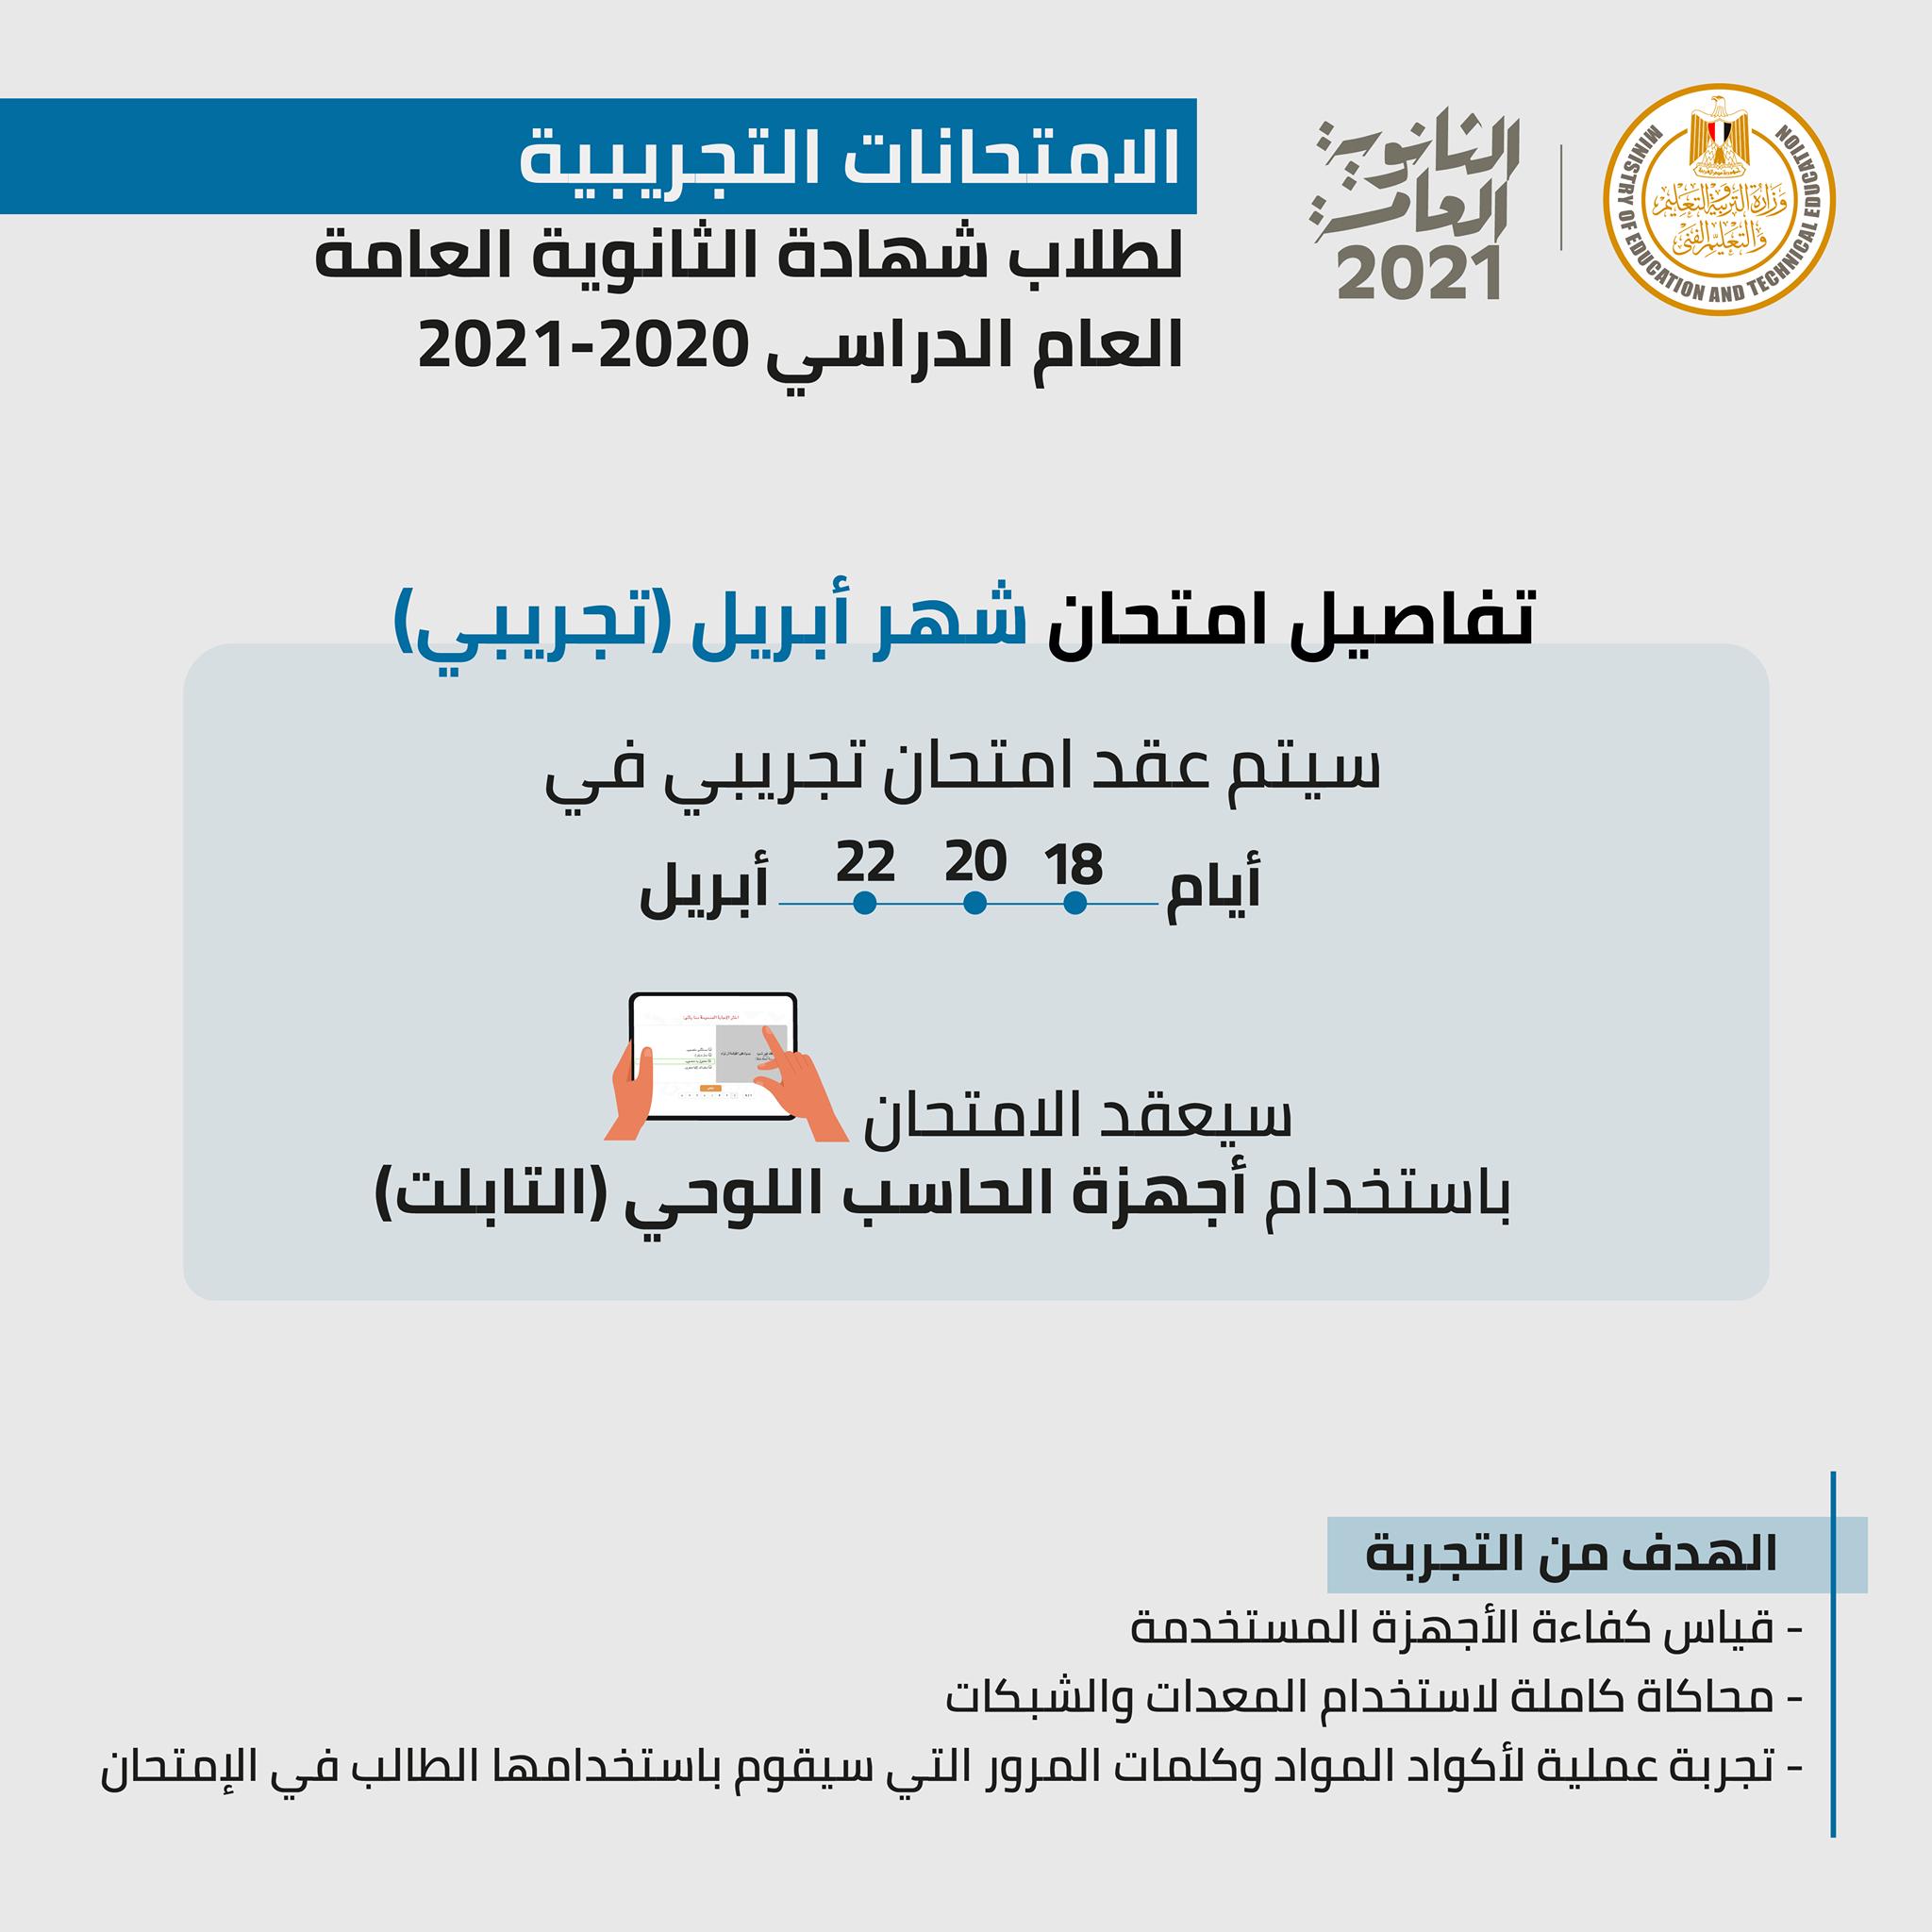 طارق شوقي: هذا مصير طلاب المنازل والتقسيم من امتحانات الثانوية التجريبية